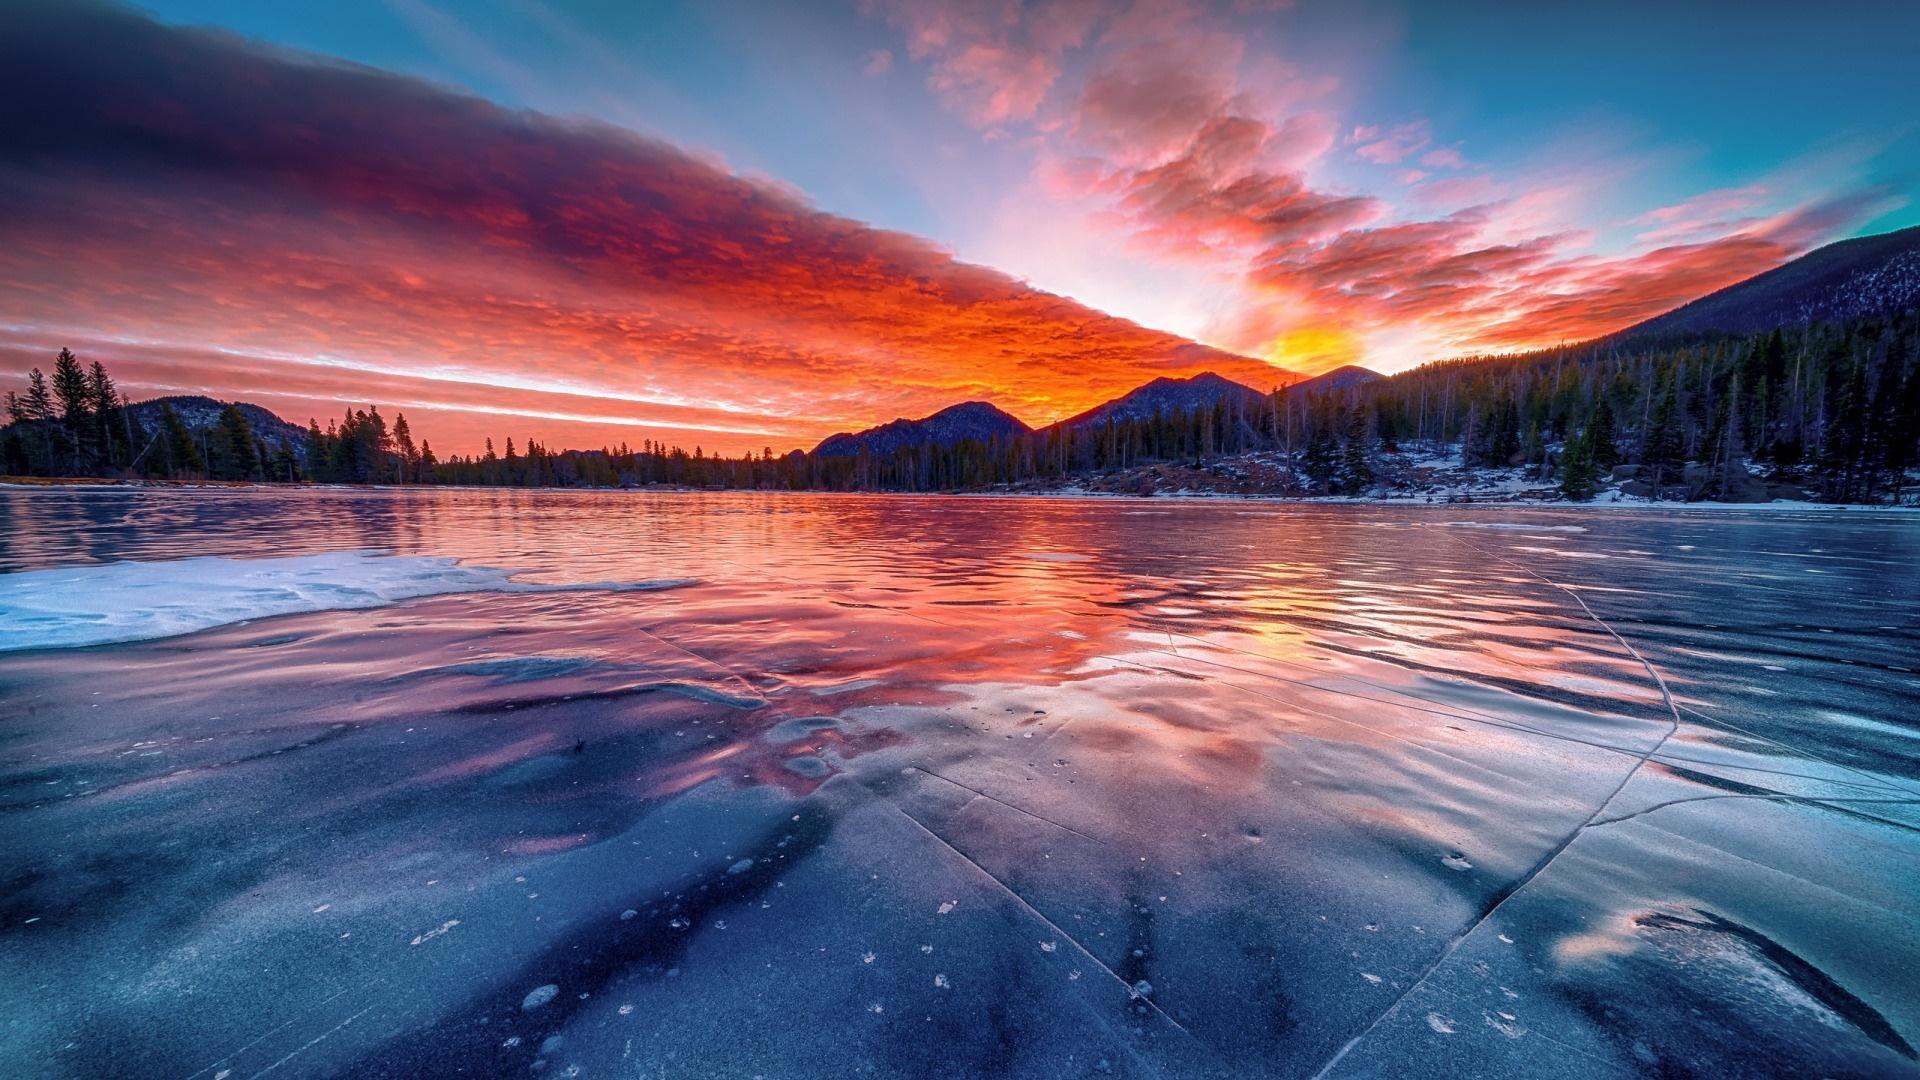 Frozen lake at sunset wallpaper